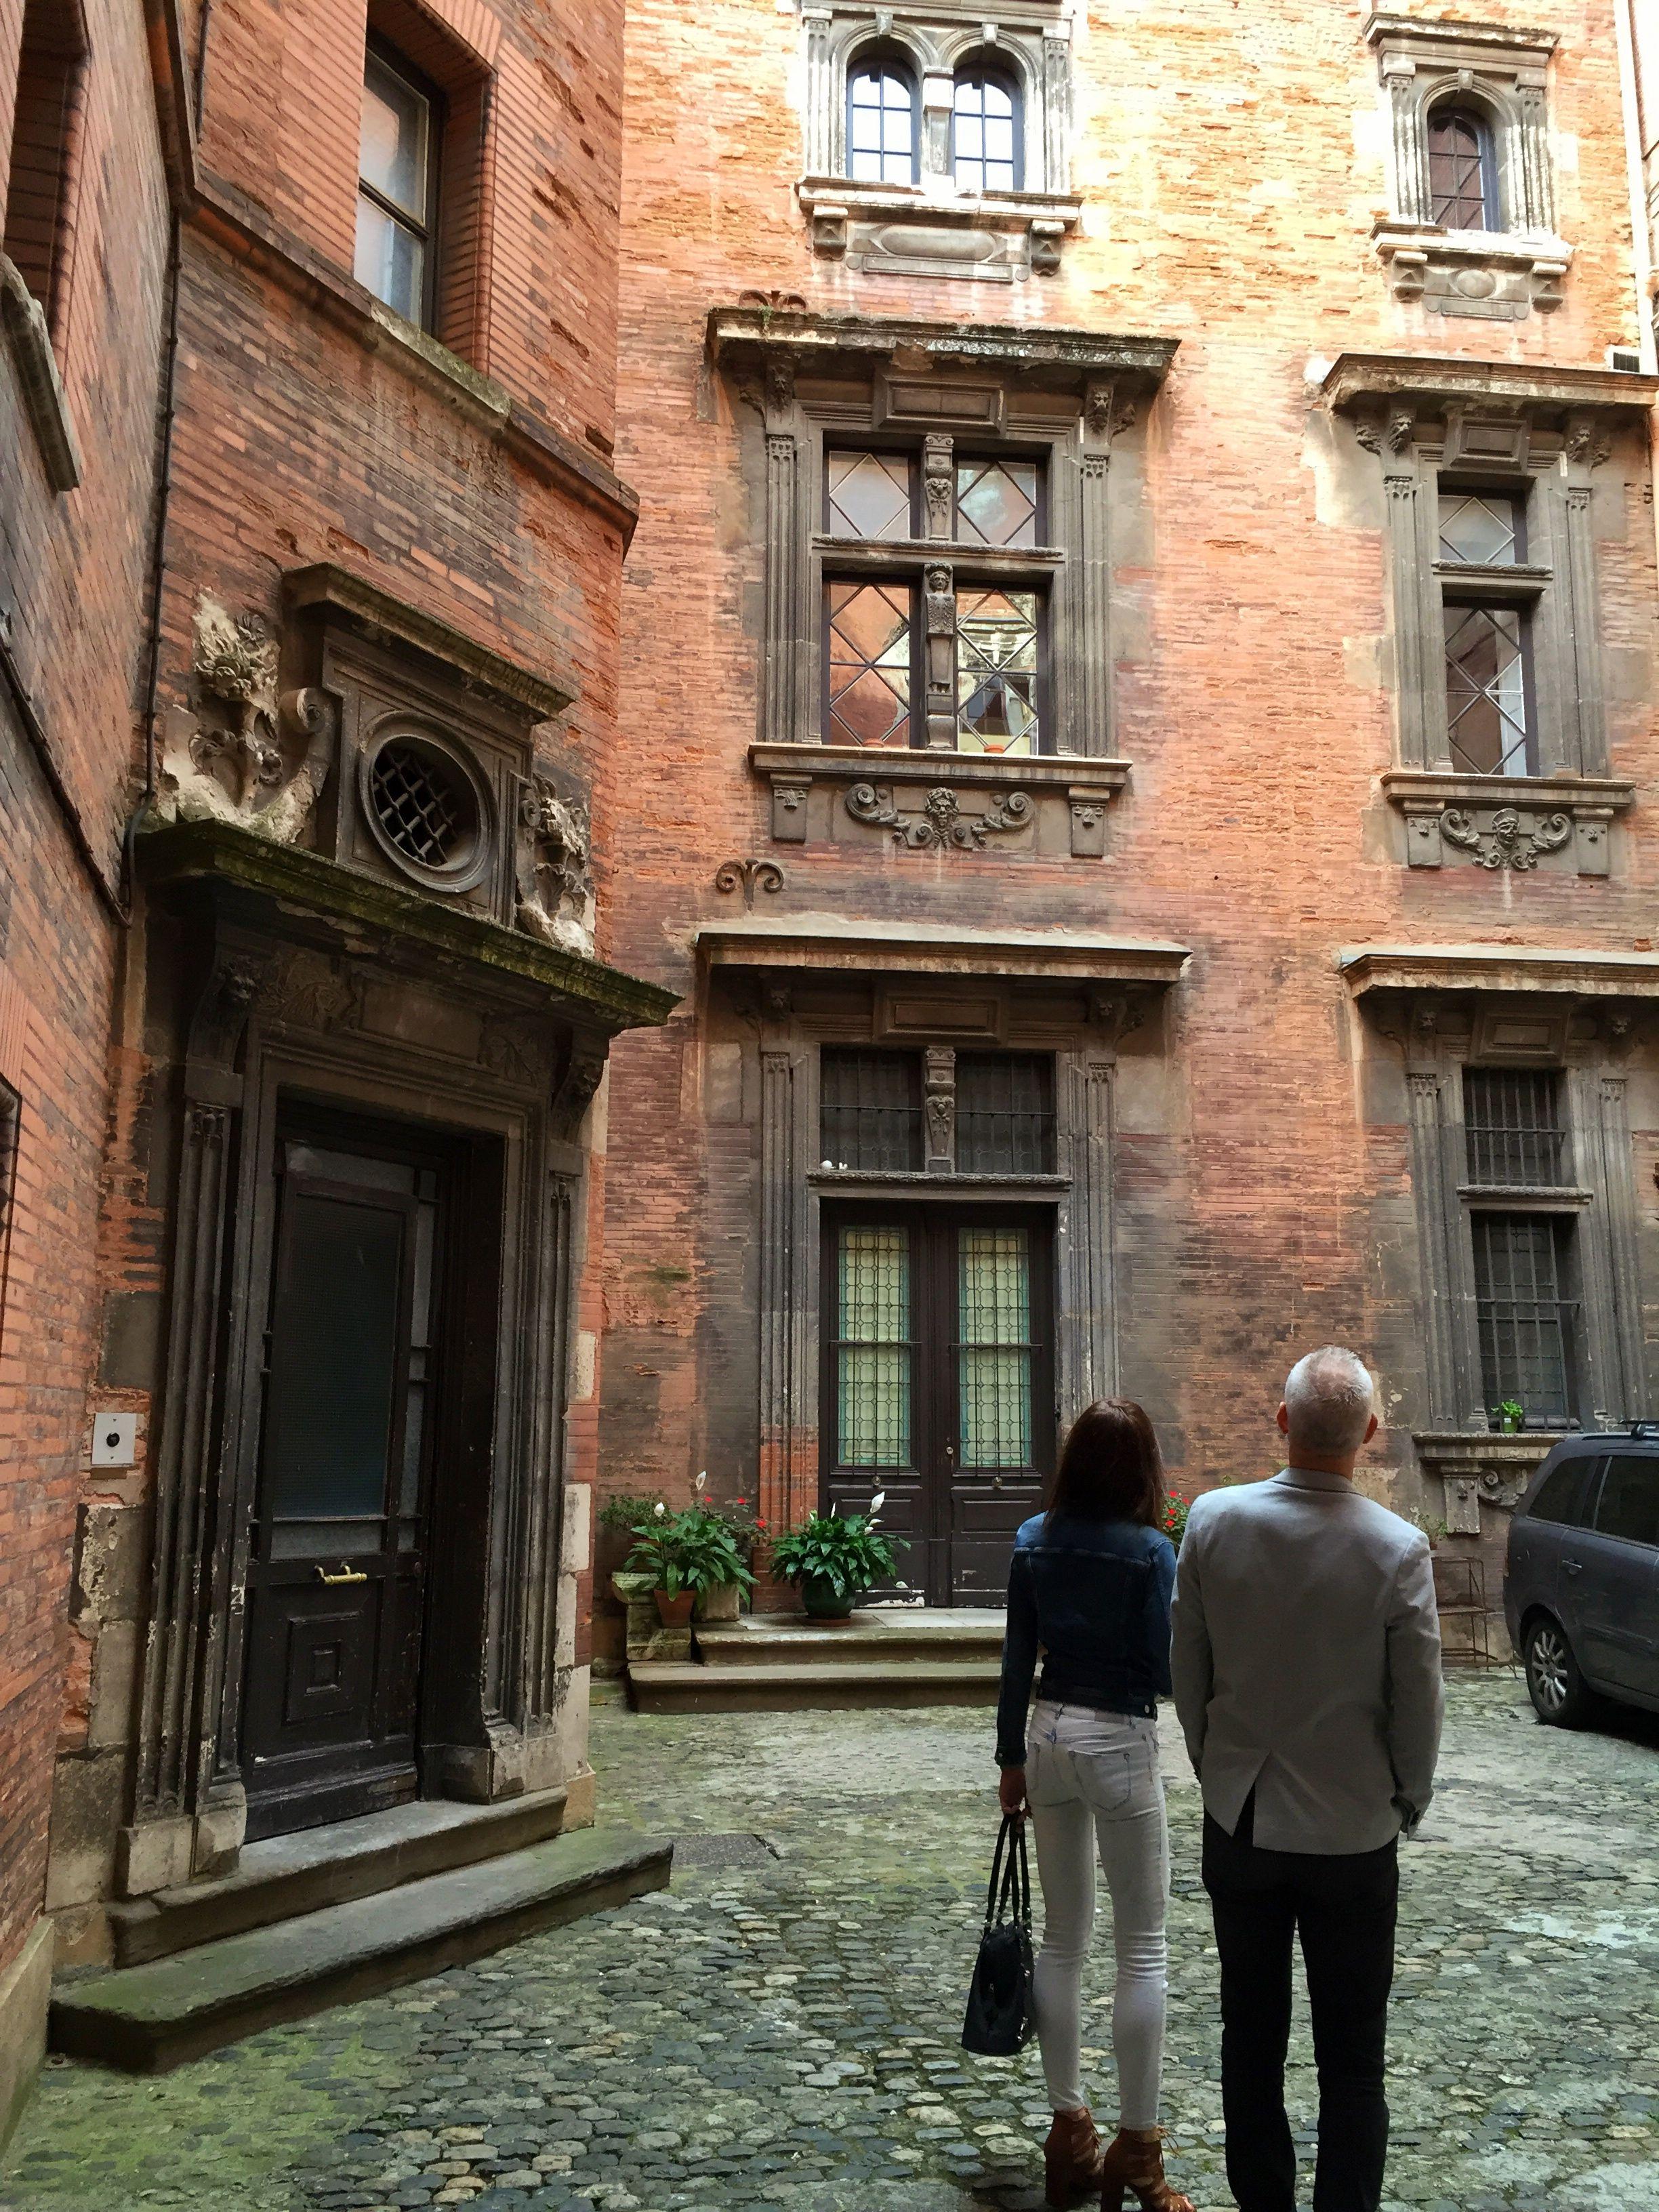 H tel d 39 aldeguier rue de la daurade toulouse france m baldello office de tourisme de - Office tourisme de toulouse ...